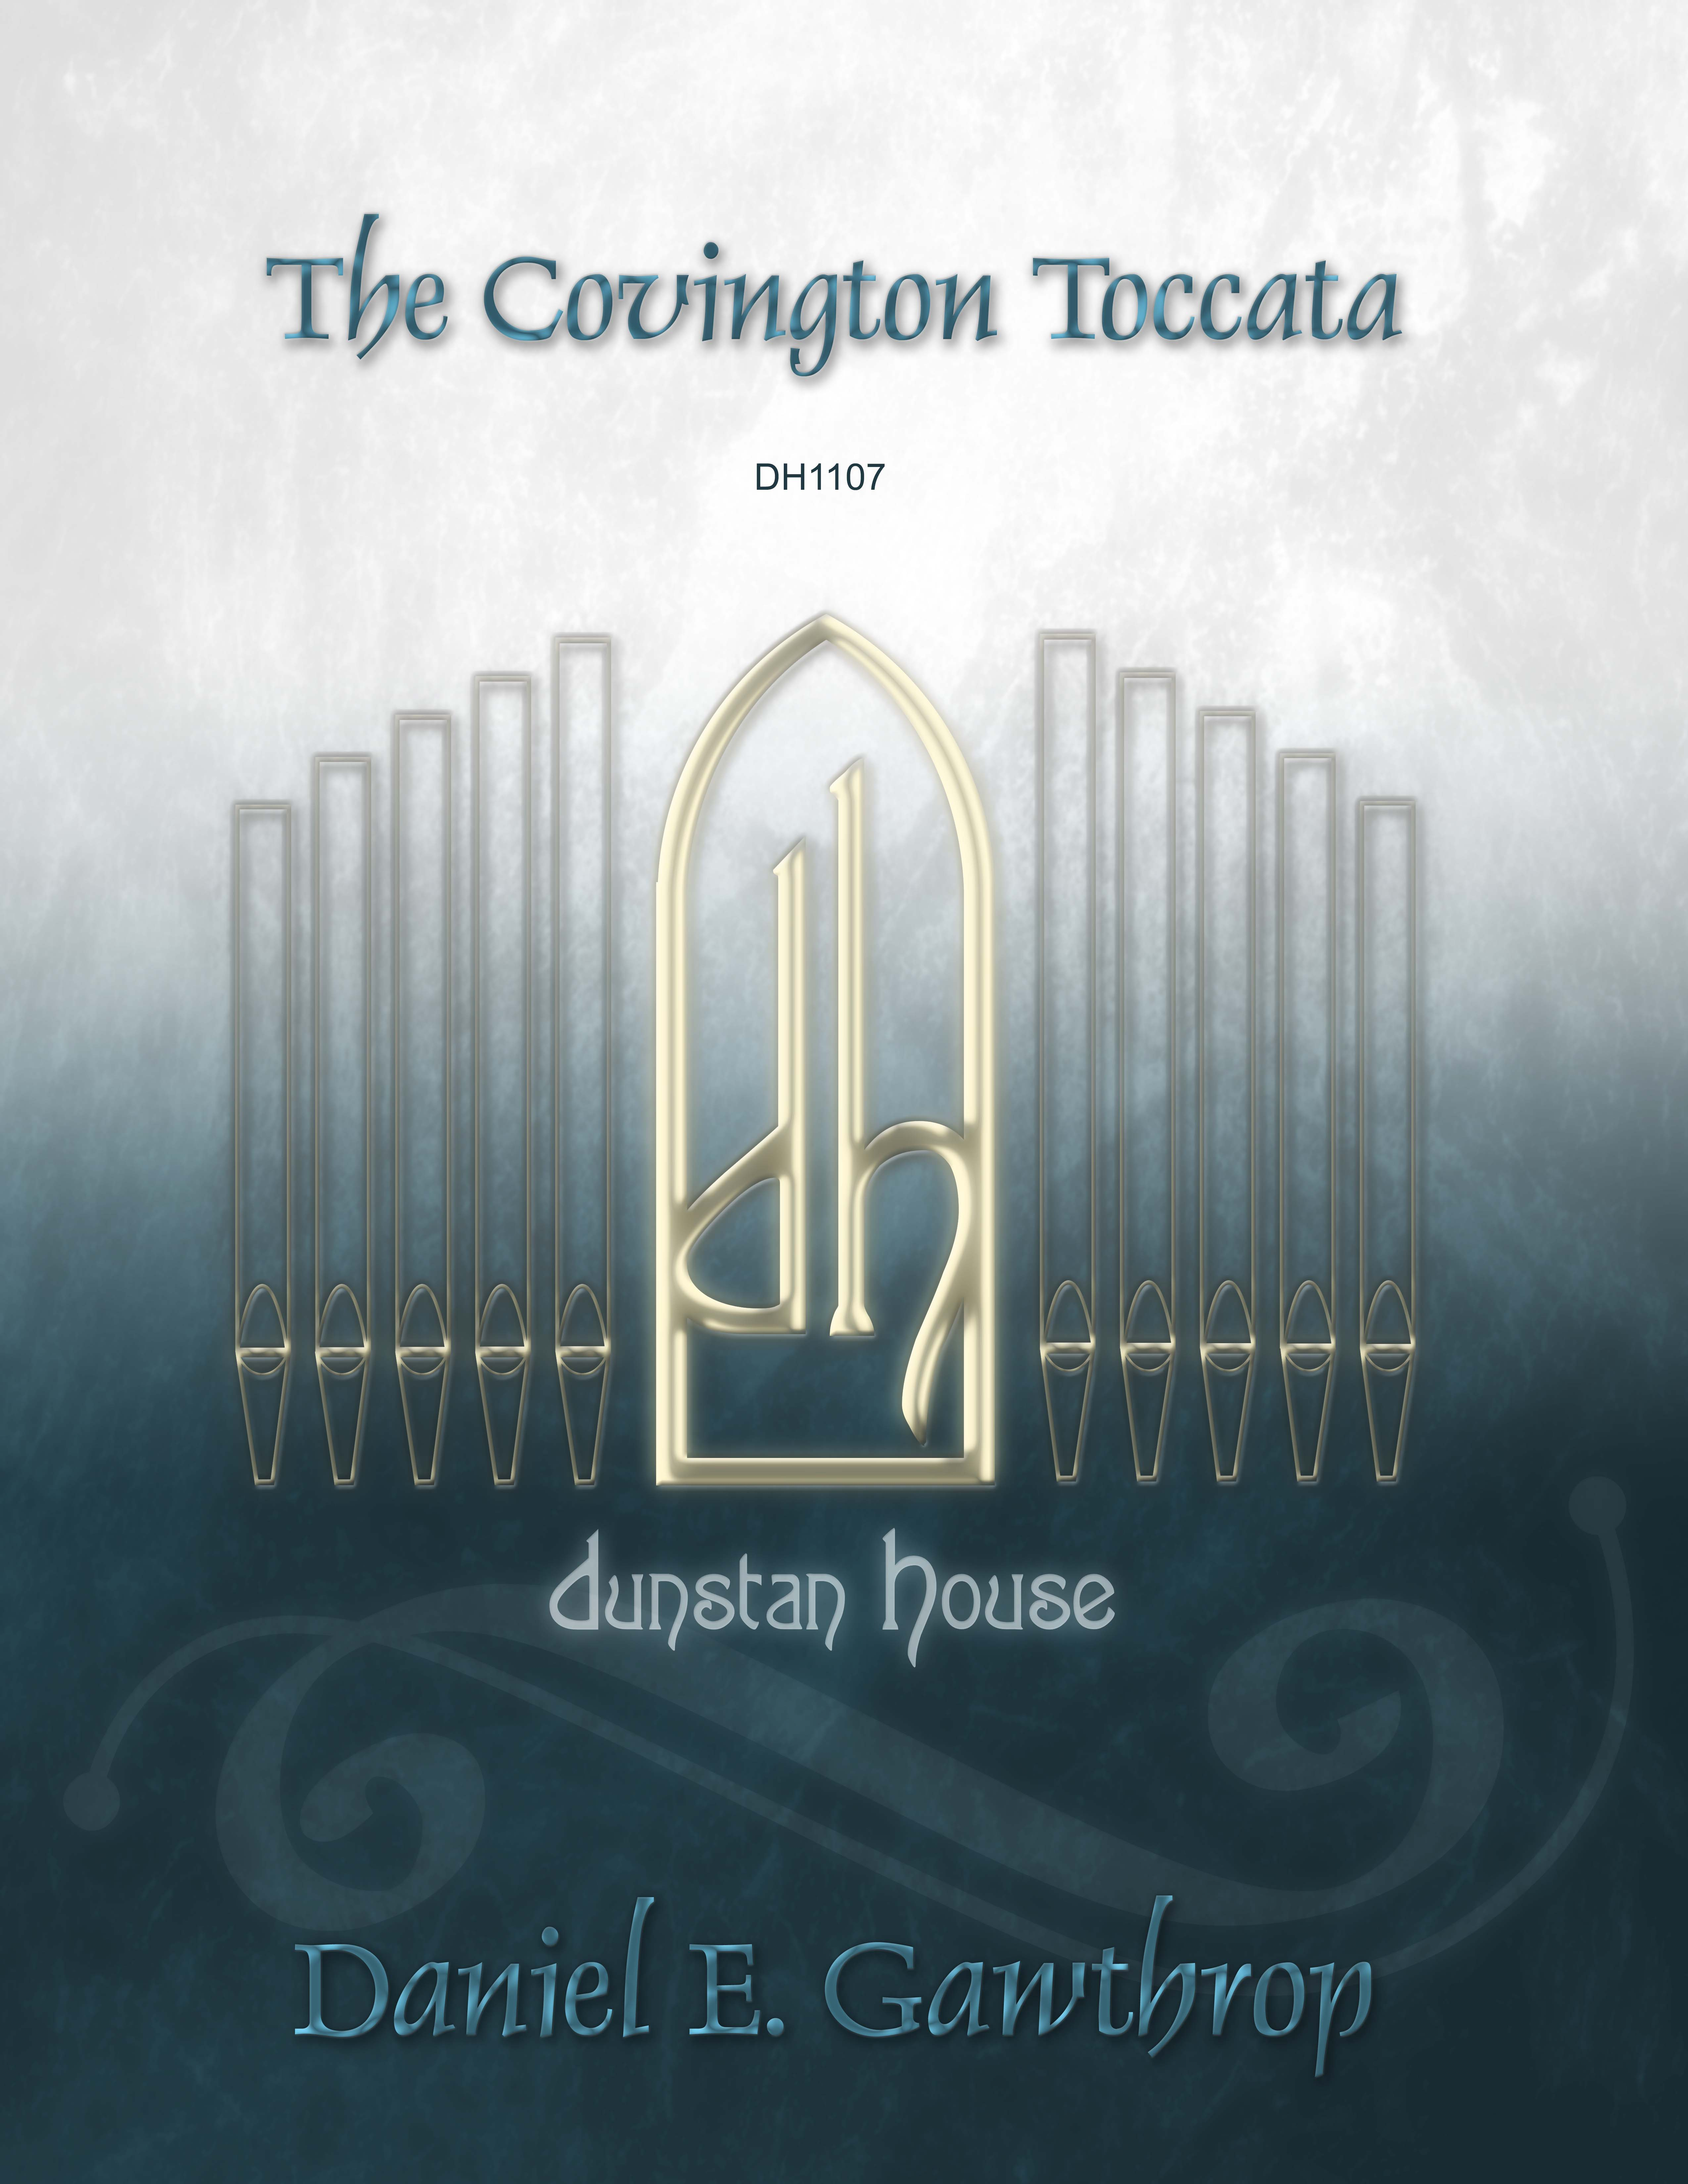 The Covington Toccata